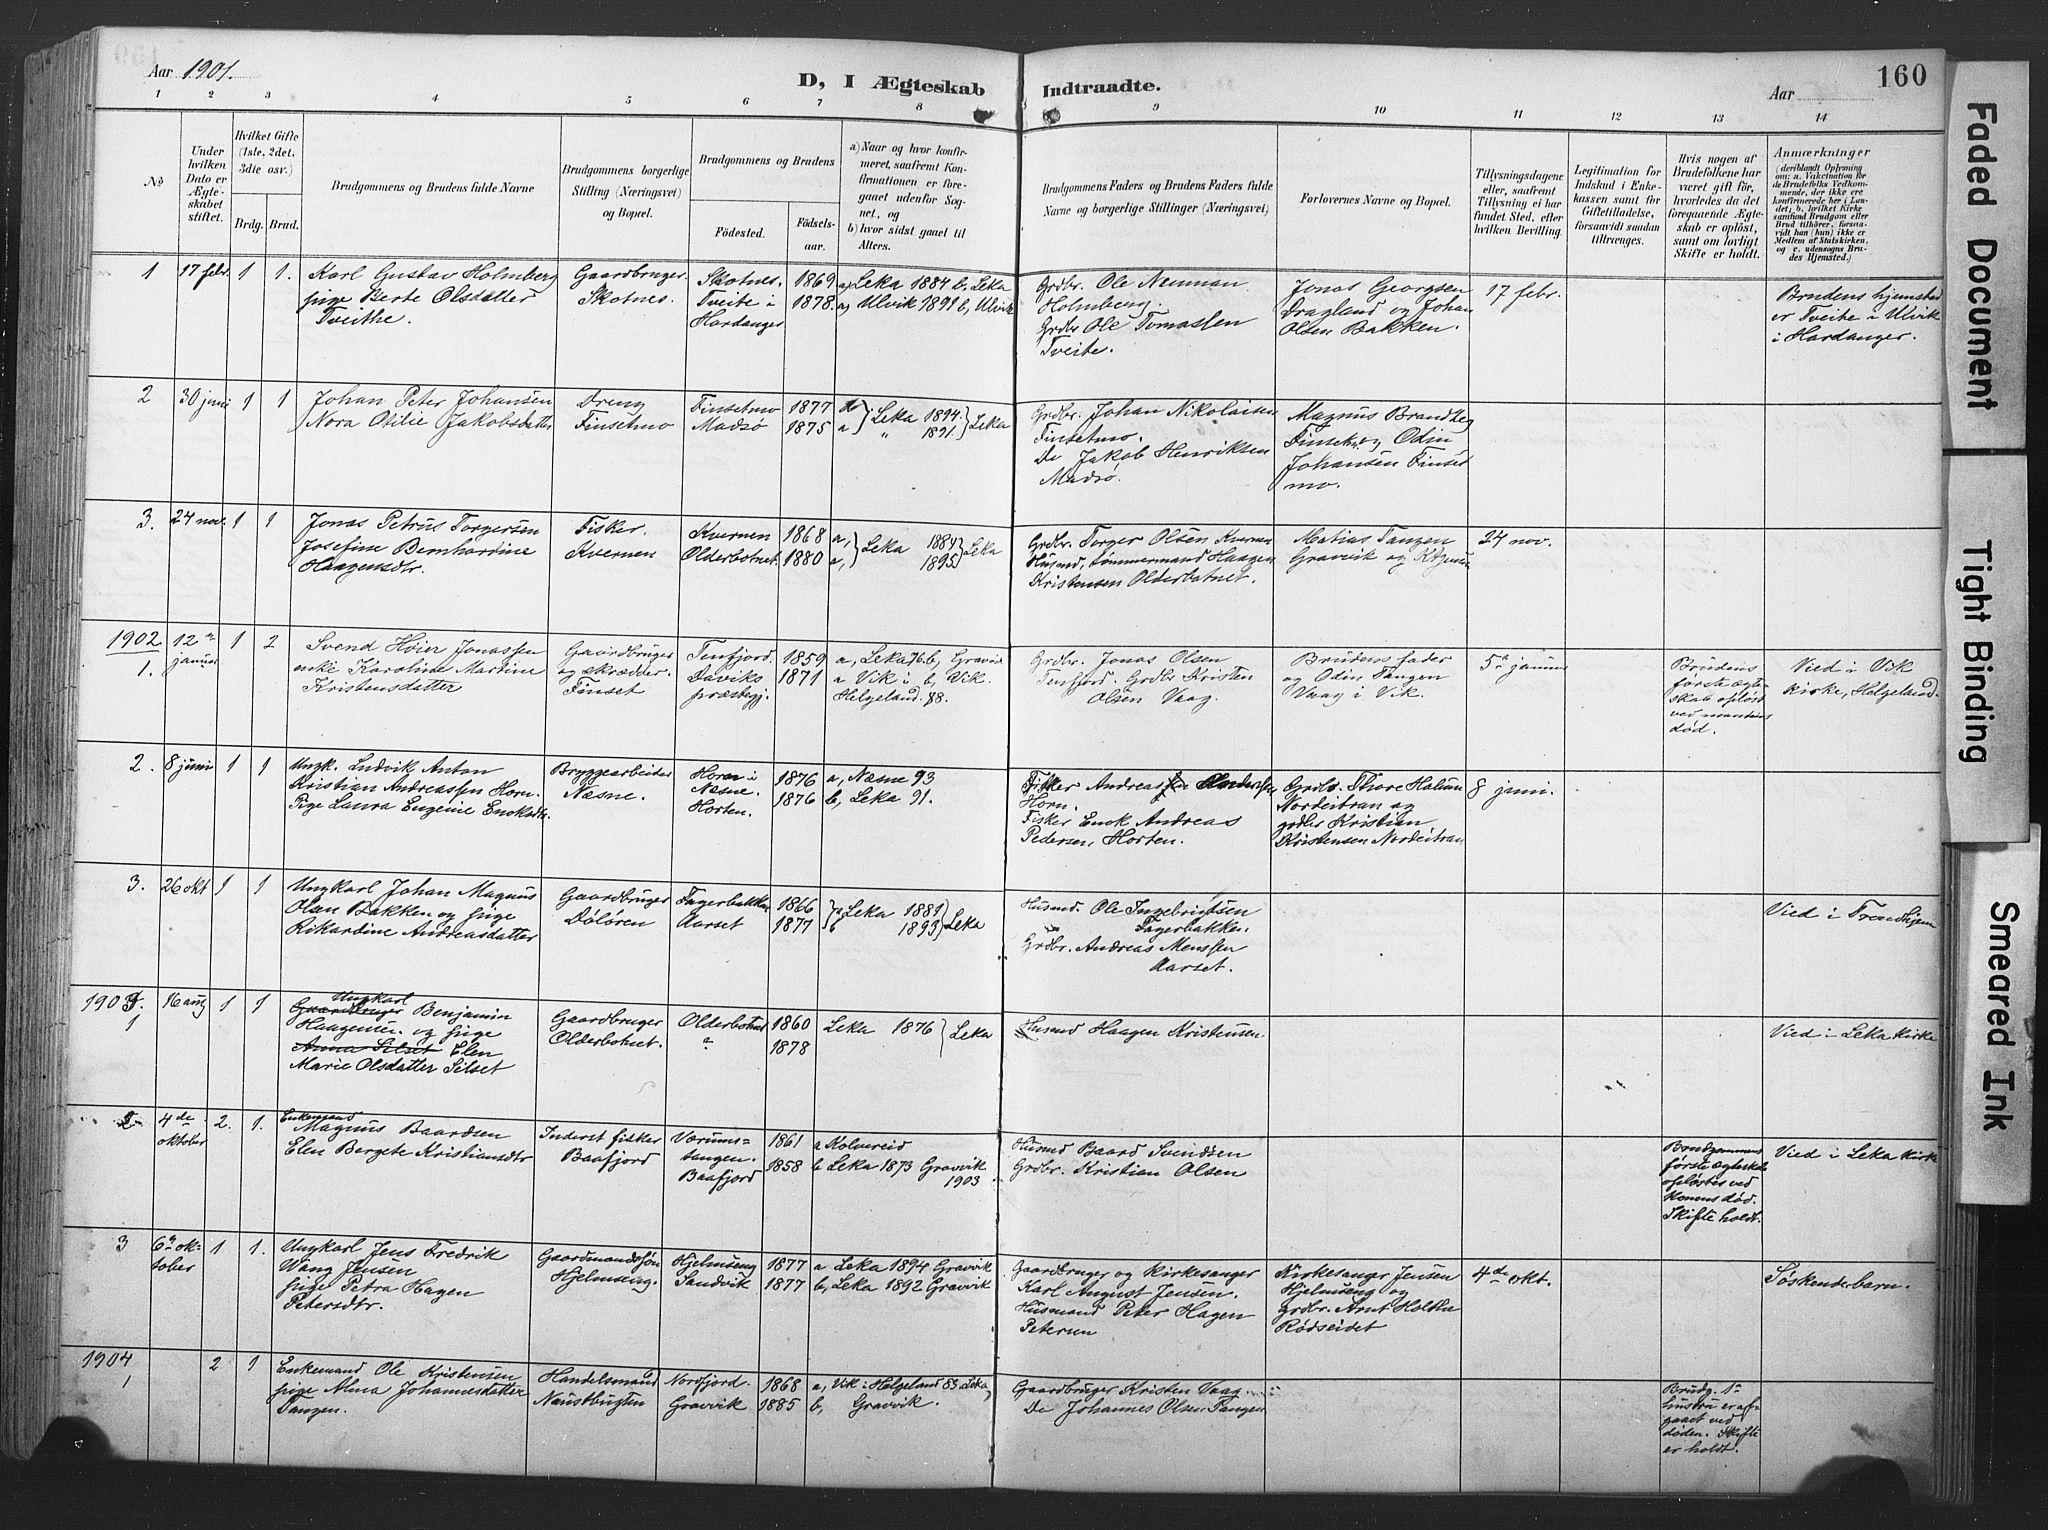 SAT, Ministerialprotokoller, klokkerbøker og fødselsregistre - Nord-Trøndelag, 789/L0706: Klokkerbok nr. 789C01, 1888-1931, s. 160